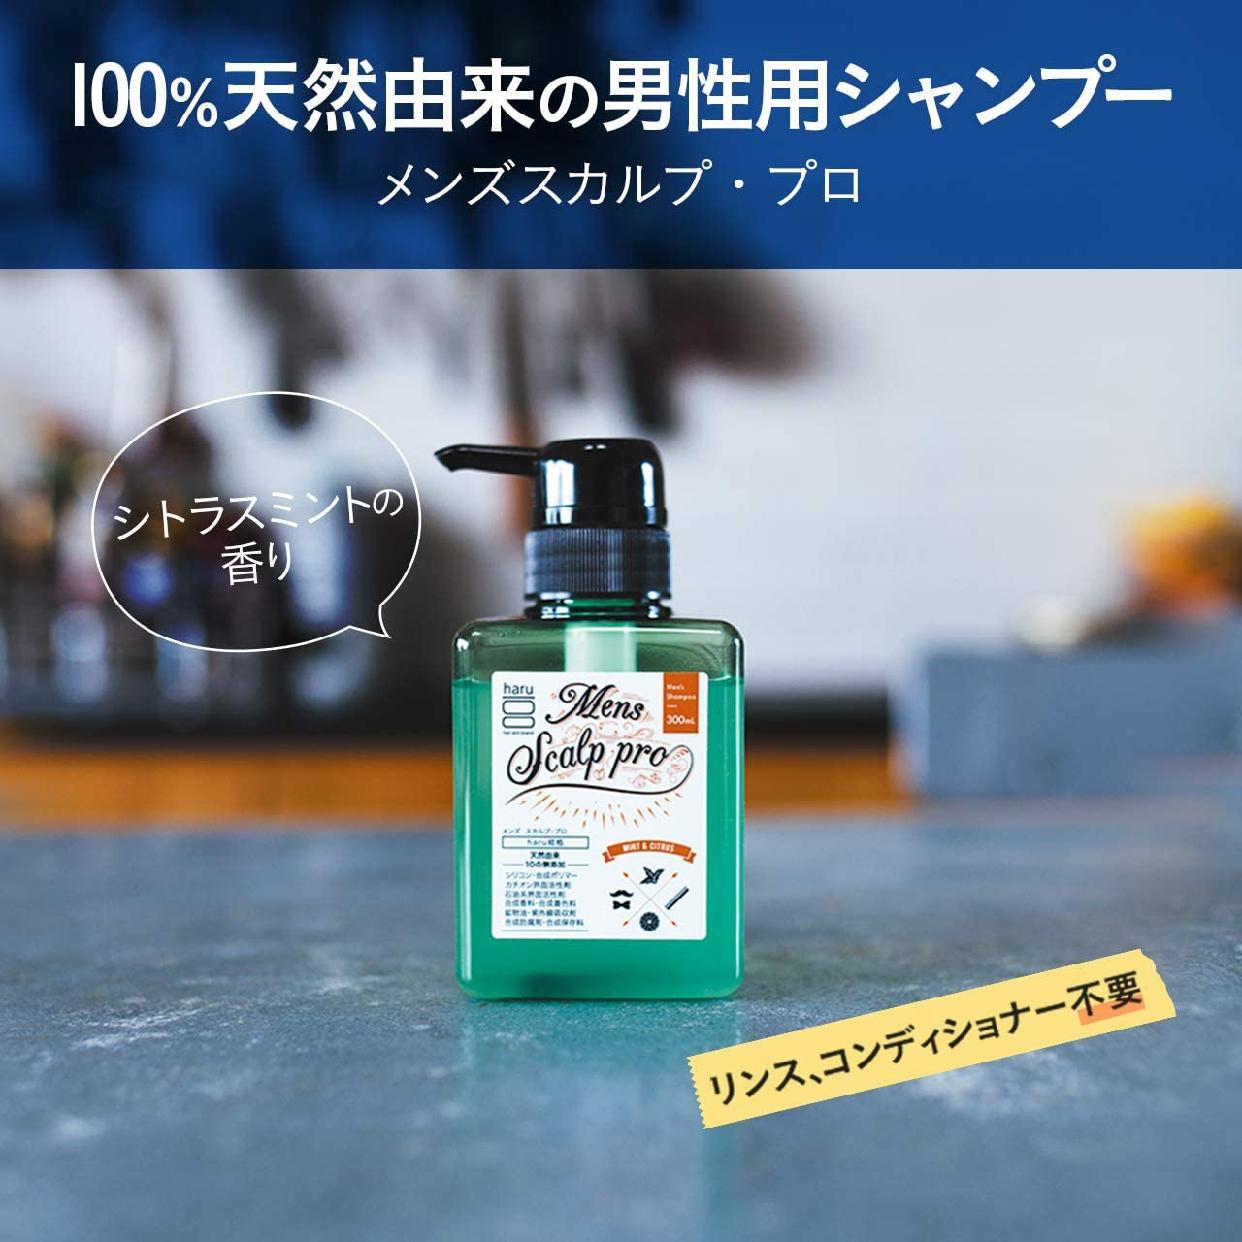 haru(ハル) メンズ スカルプ・プロの商品画像8